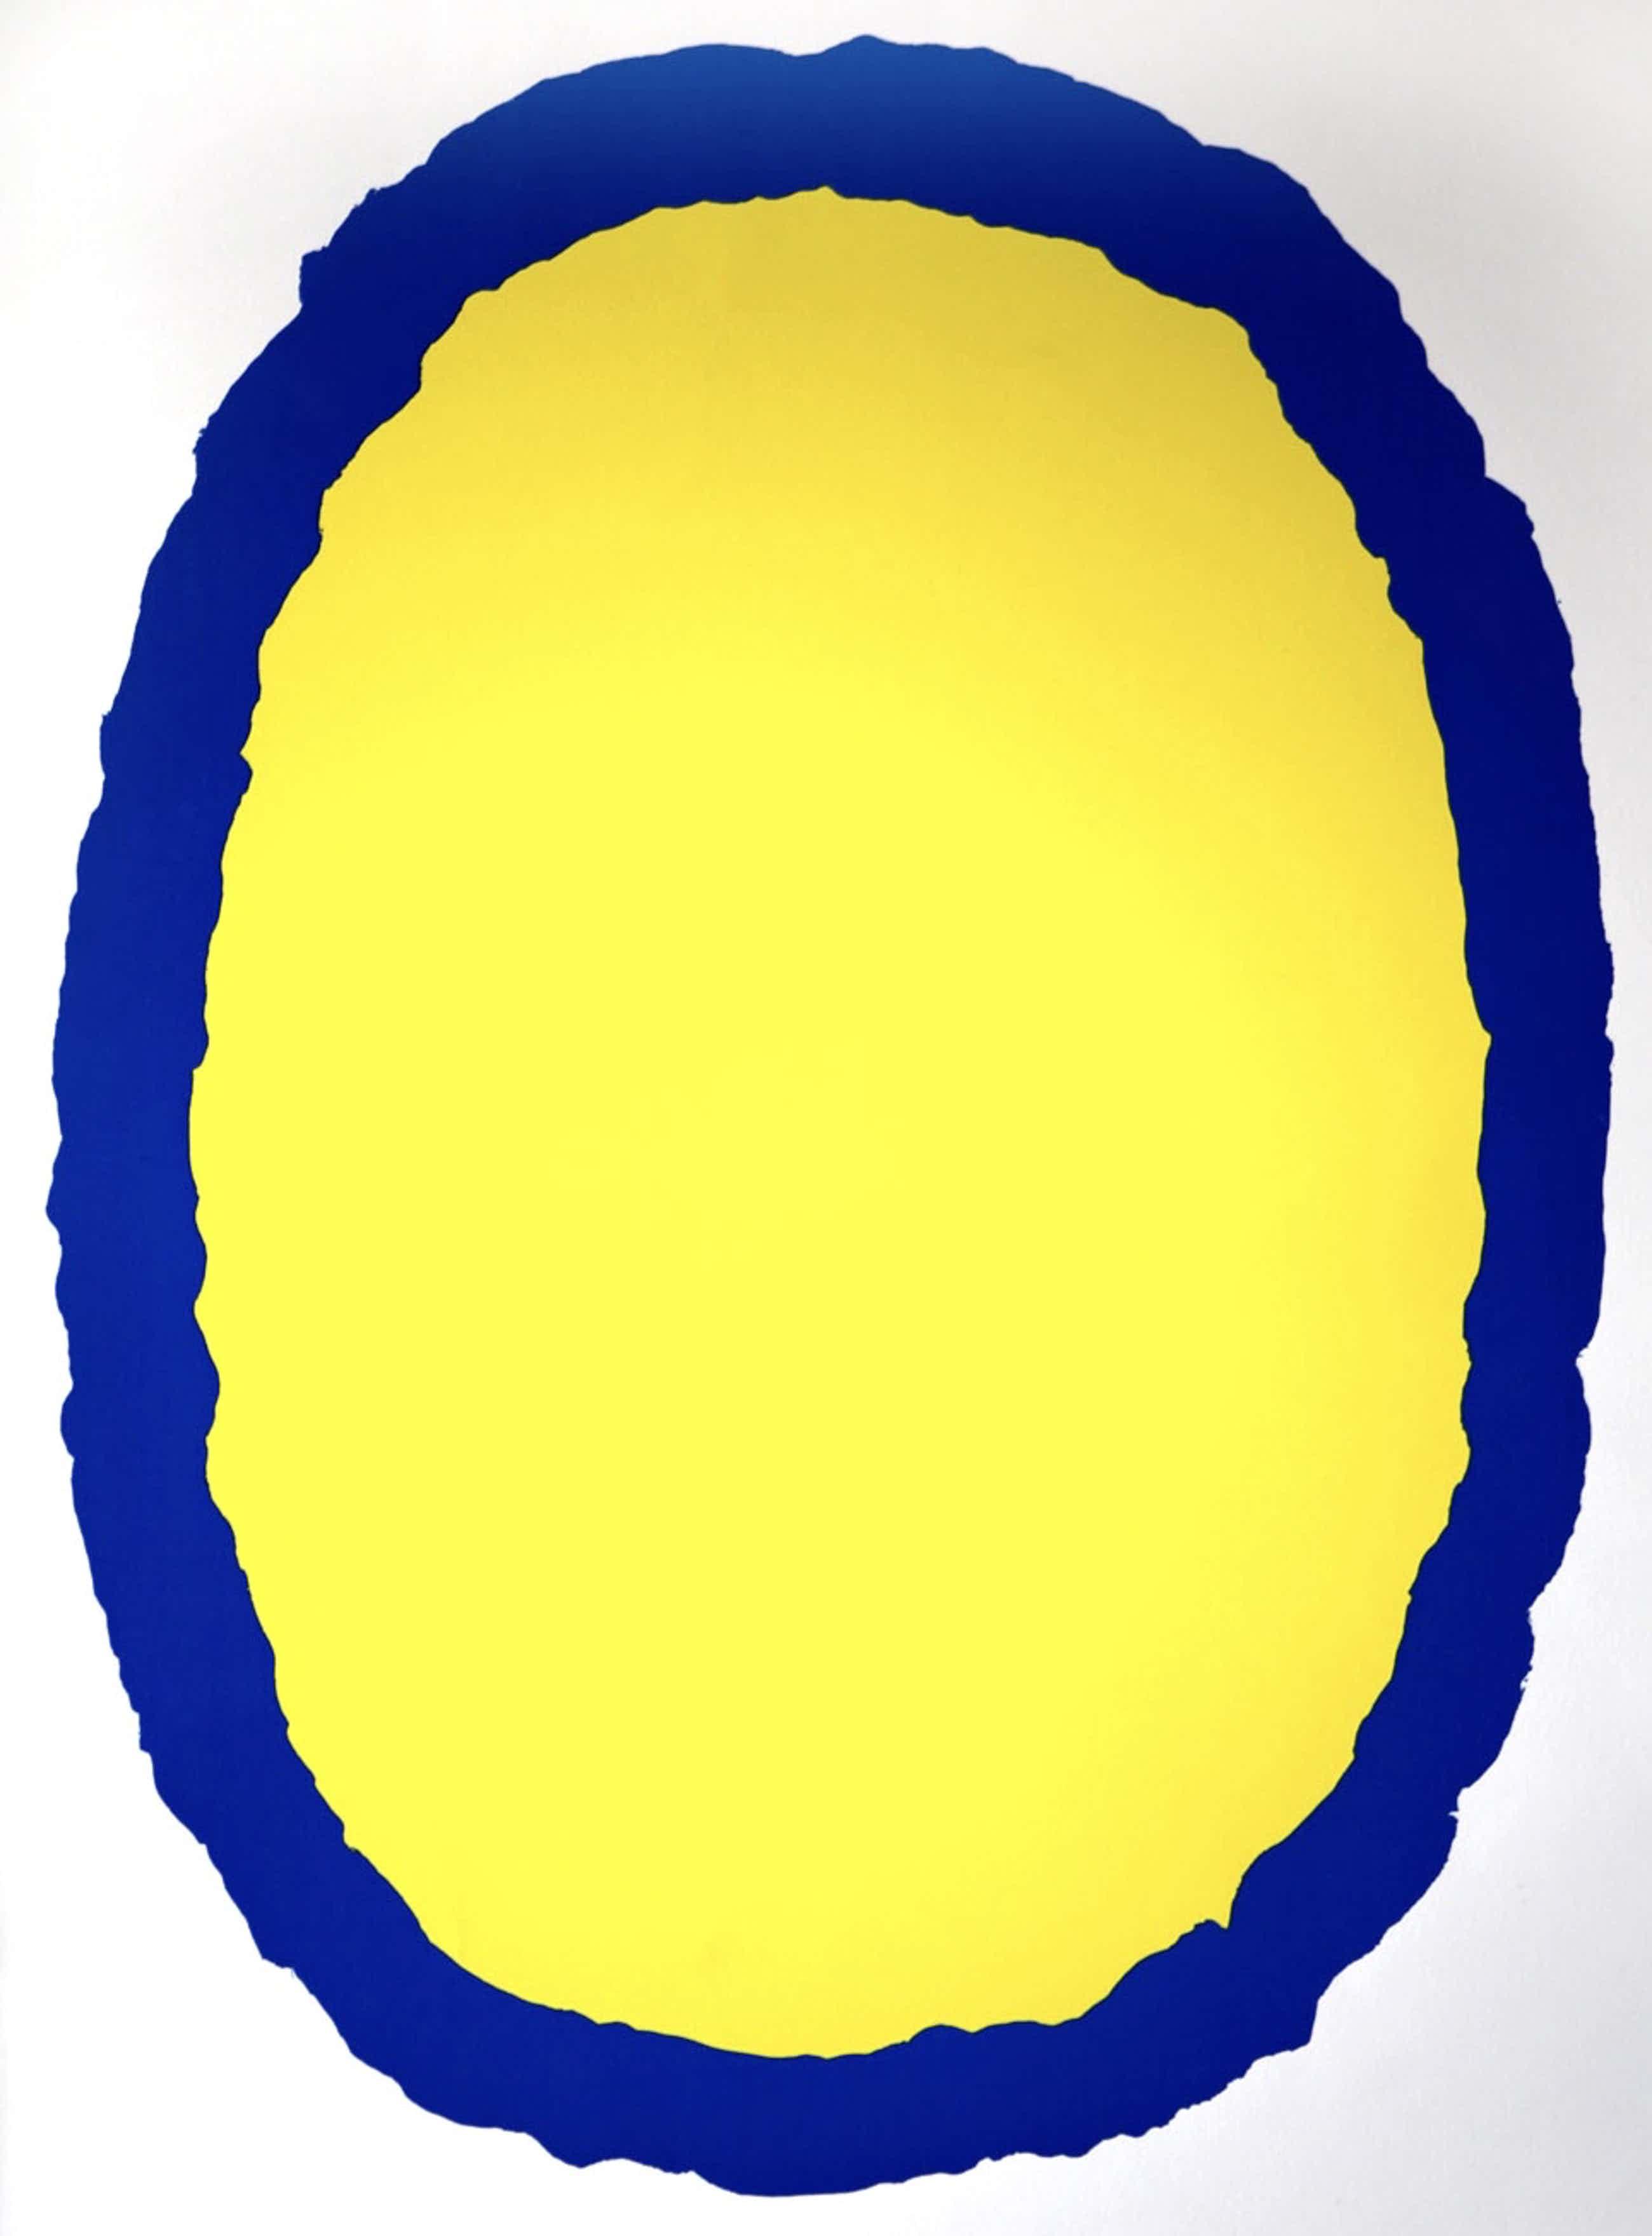 Bram Bogart - kleurenlitho - 'Geel/blauw' - 1978 (Prent 190) serie 11C ( LUXE INGELIJST) kopen? Bied vanaf 500!